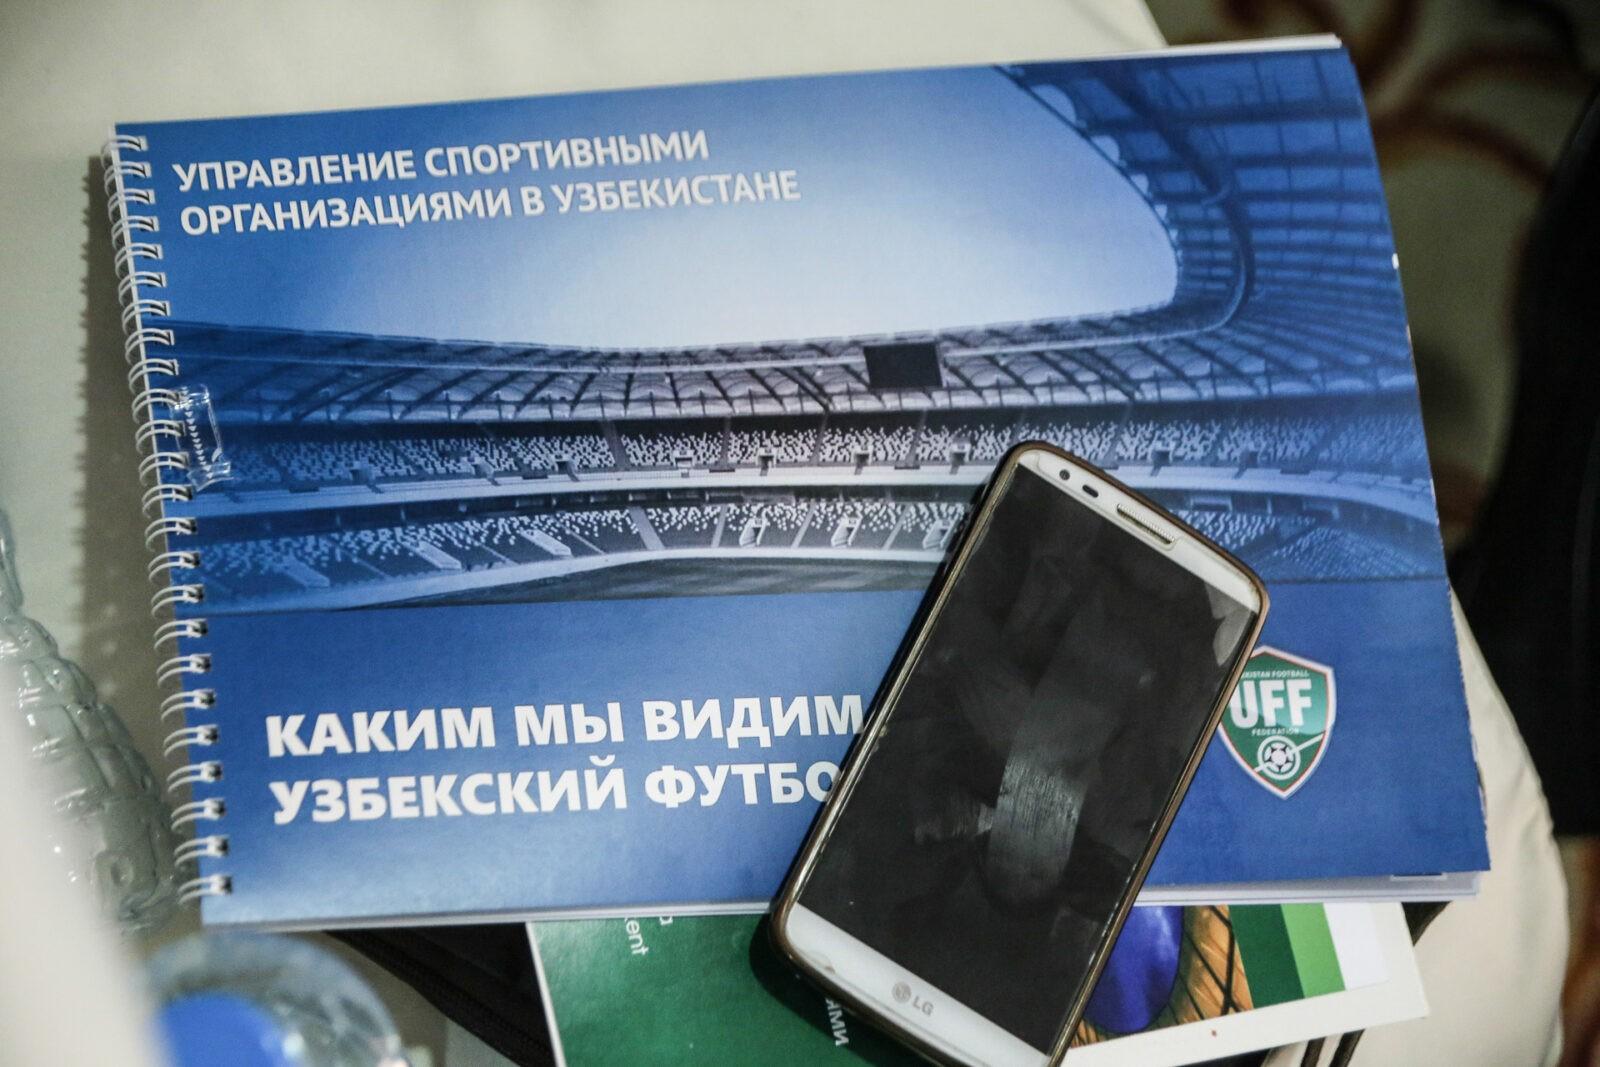 В Ташкенте состоялась конференция «Управление спортивными организациями в Узбекистане и мировой опыт»